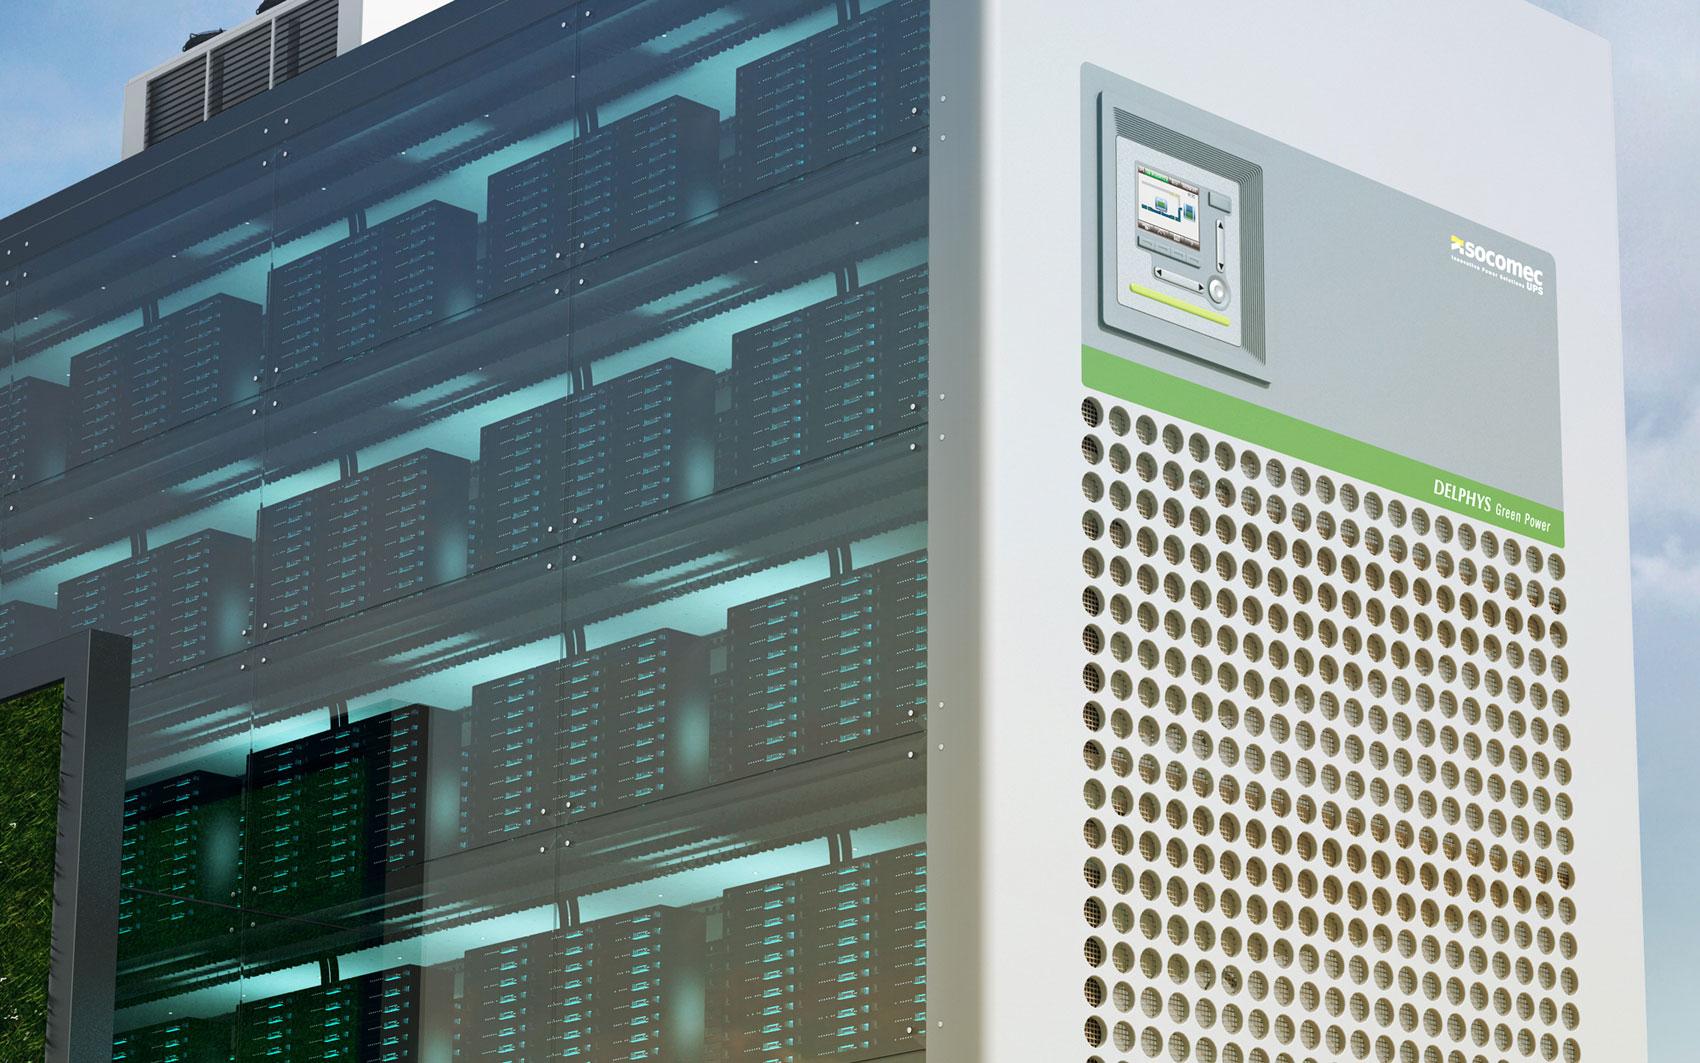 detail-socomec-data-green-power-2